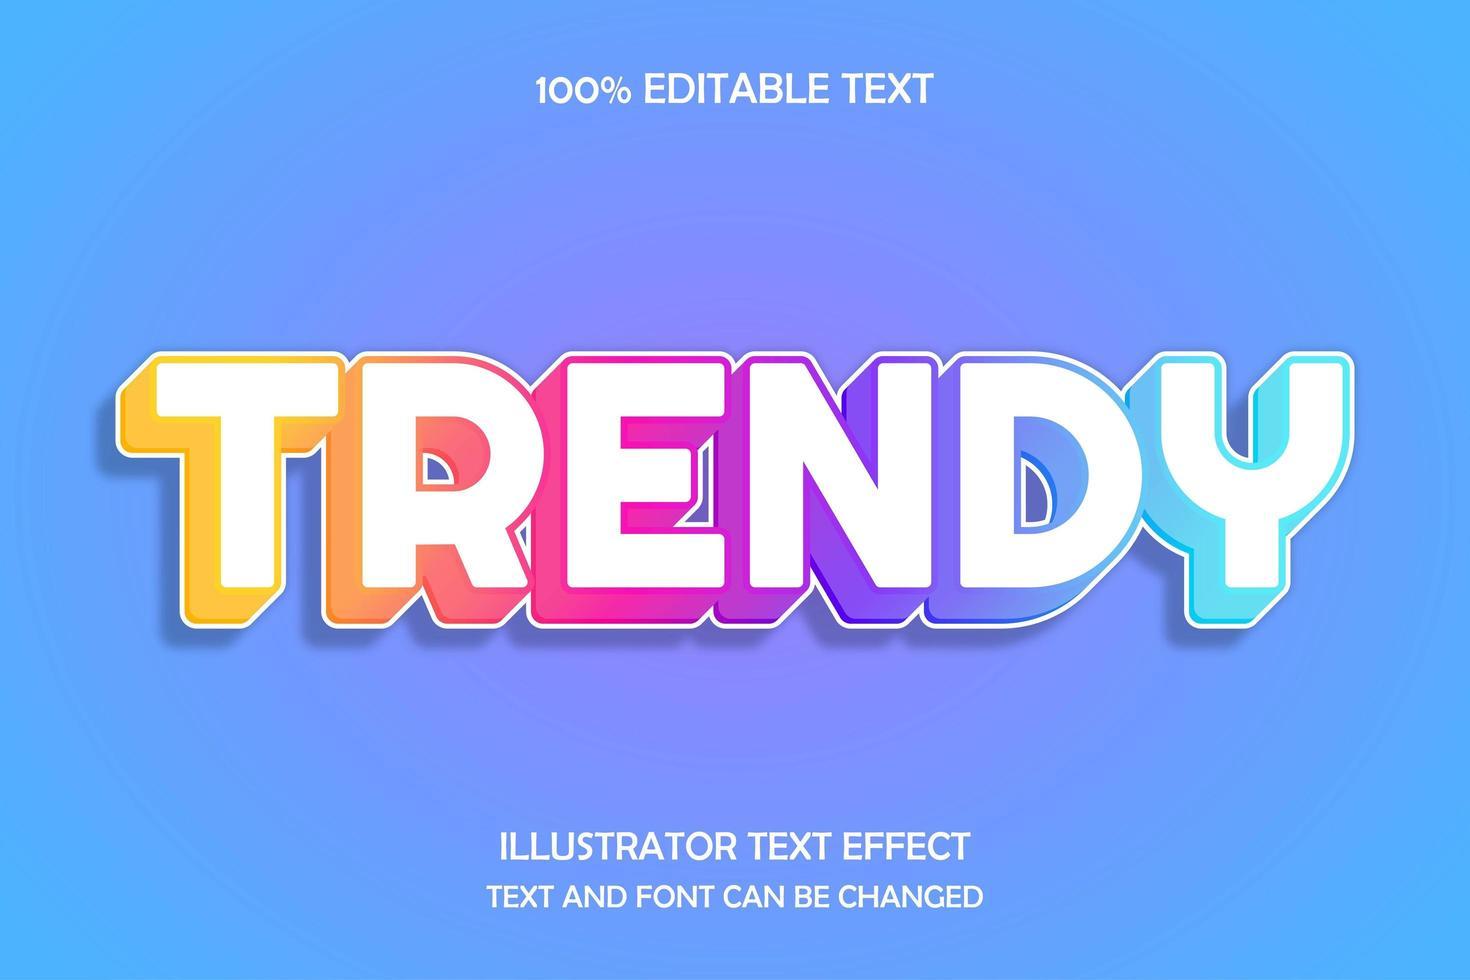 trendy verloop omtrek teksteffect vector